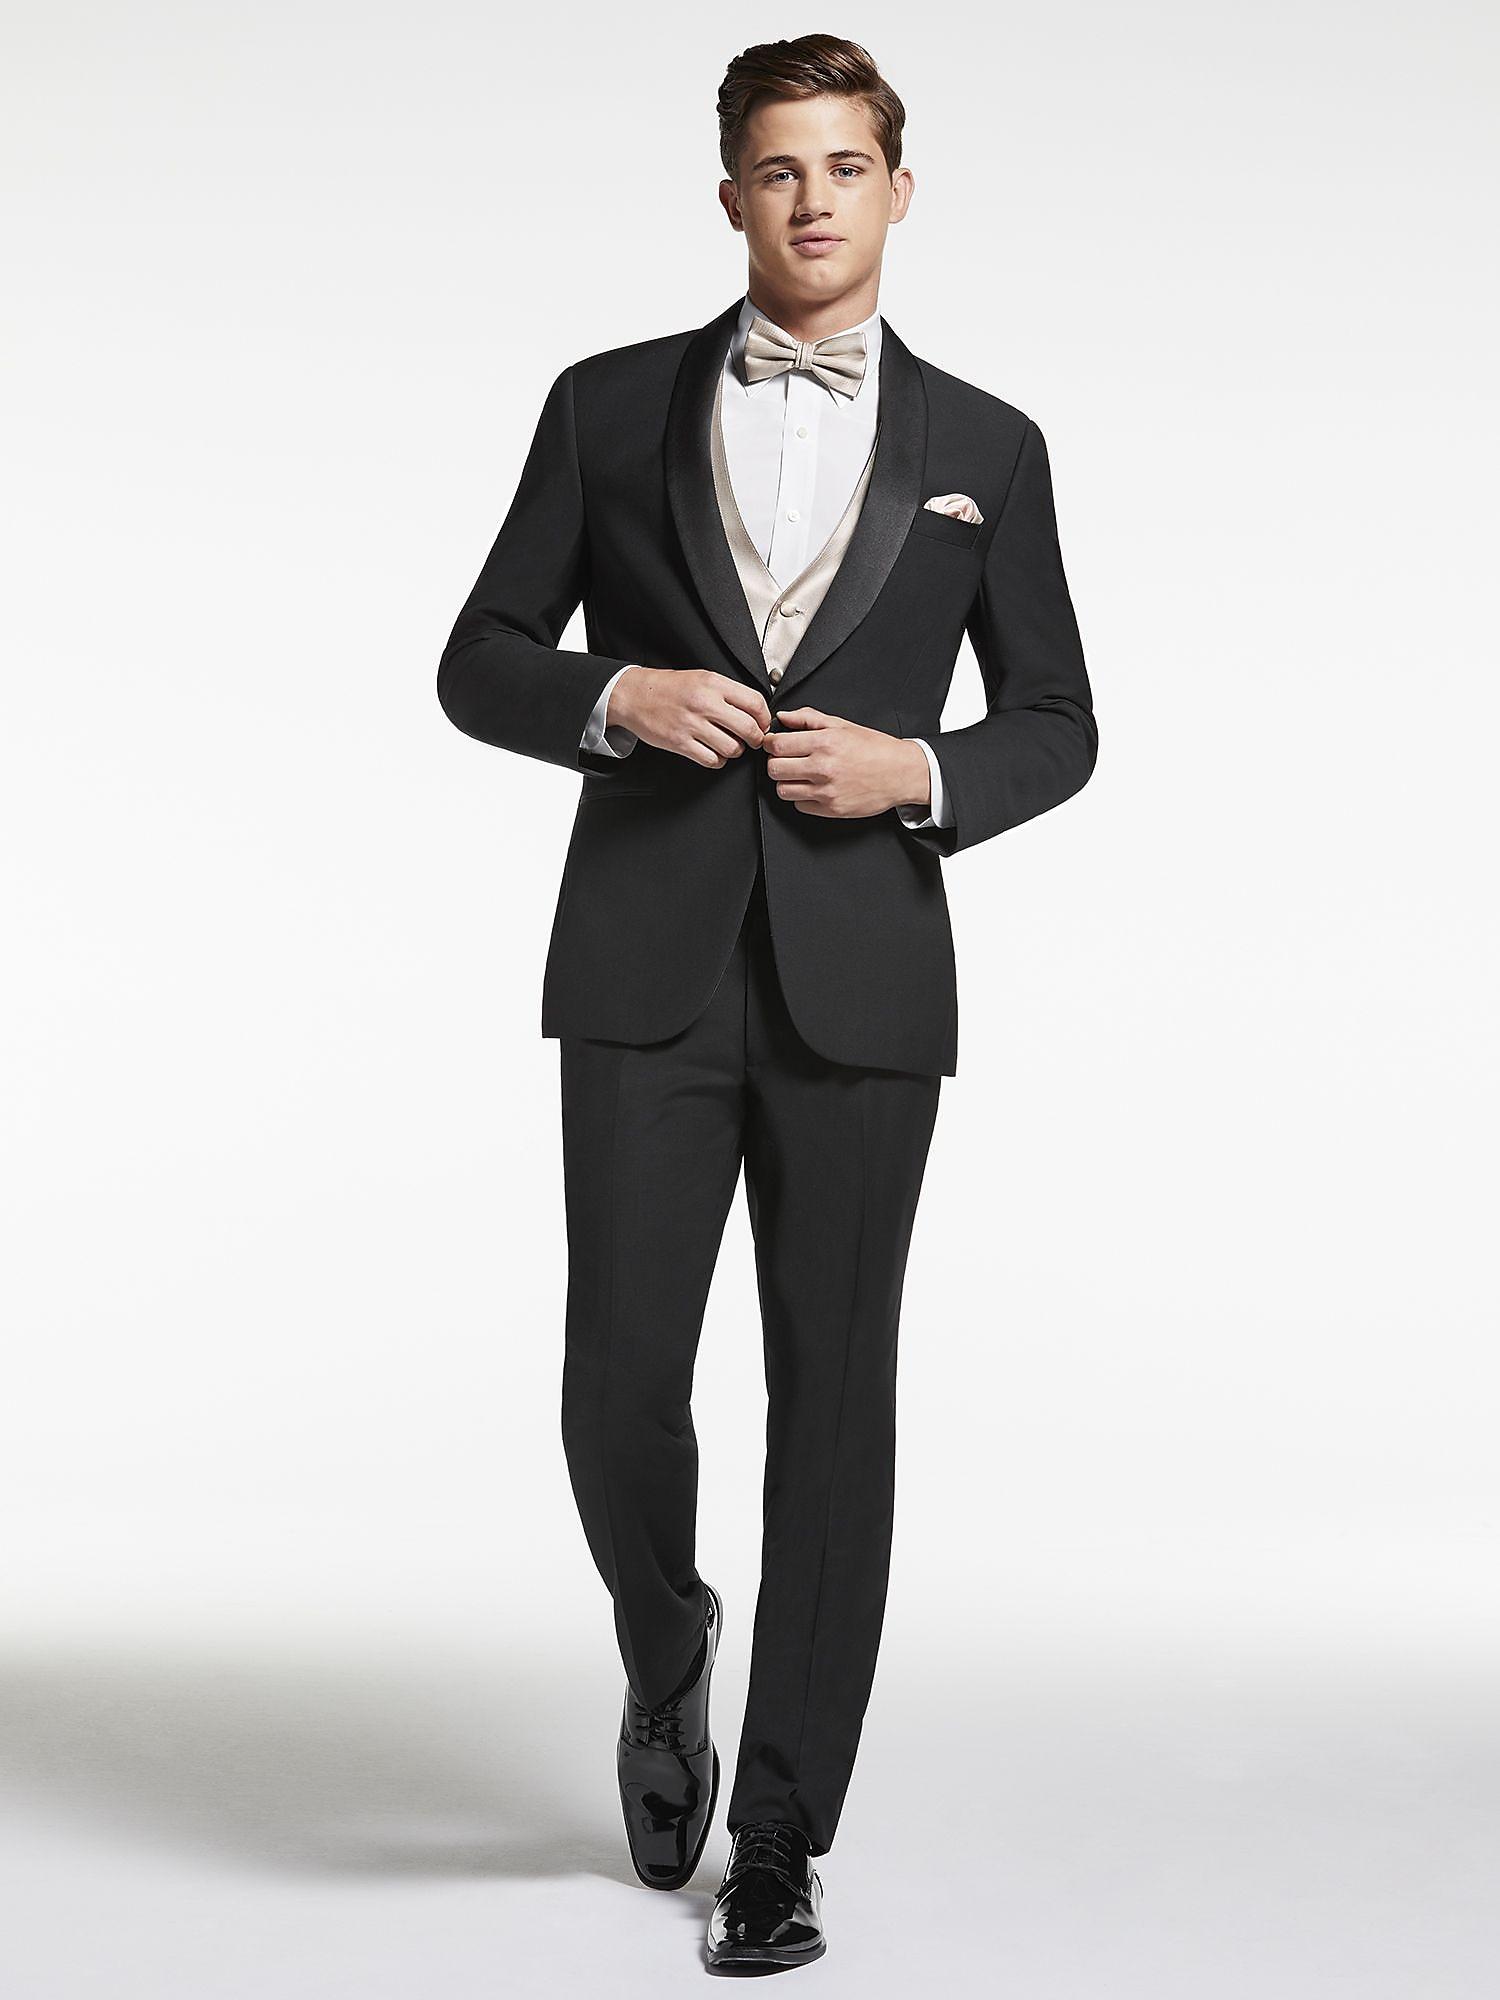 Black shawl lapel tuxedo by calvin klein tuxedo rental for The tuxedo house